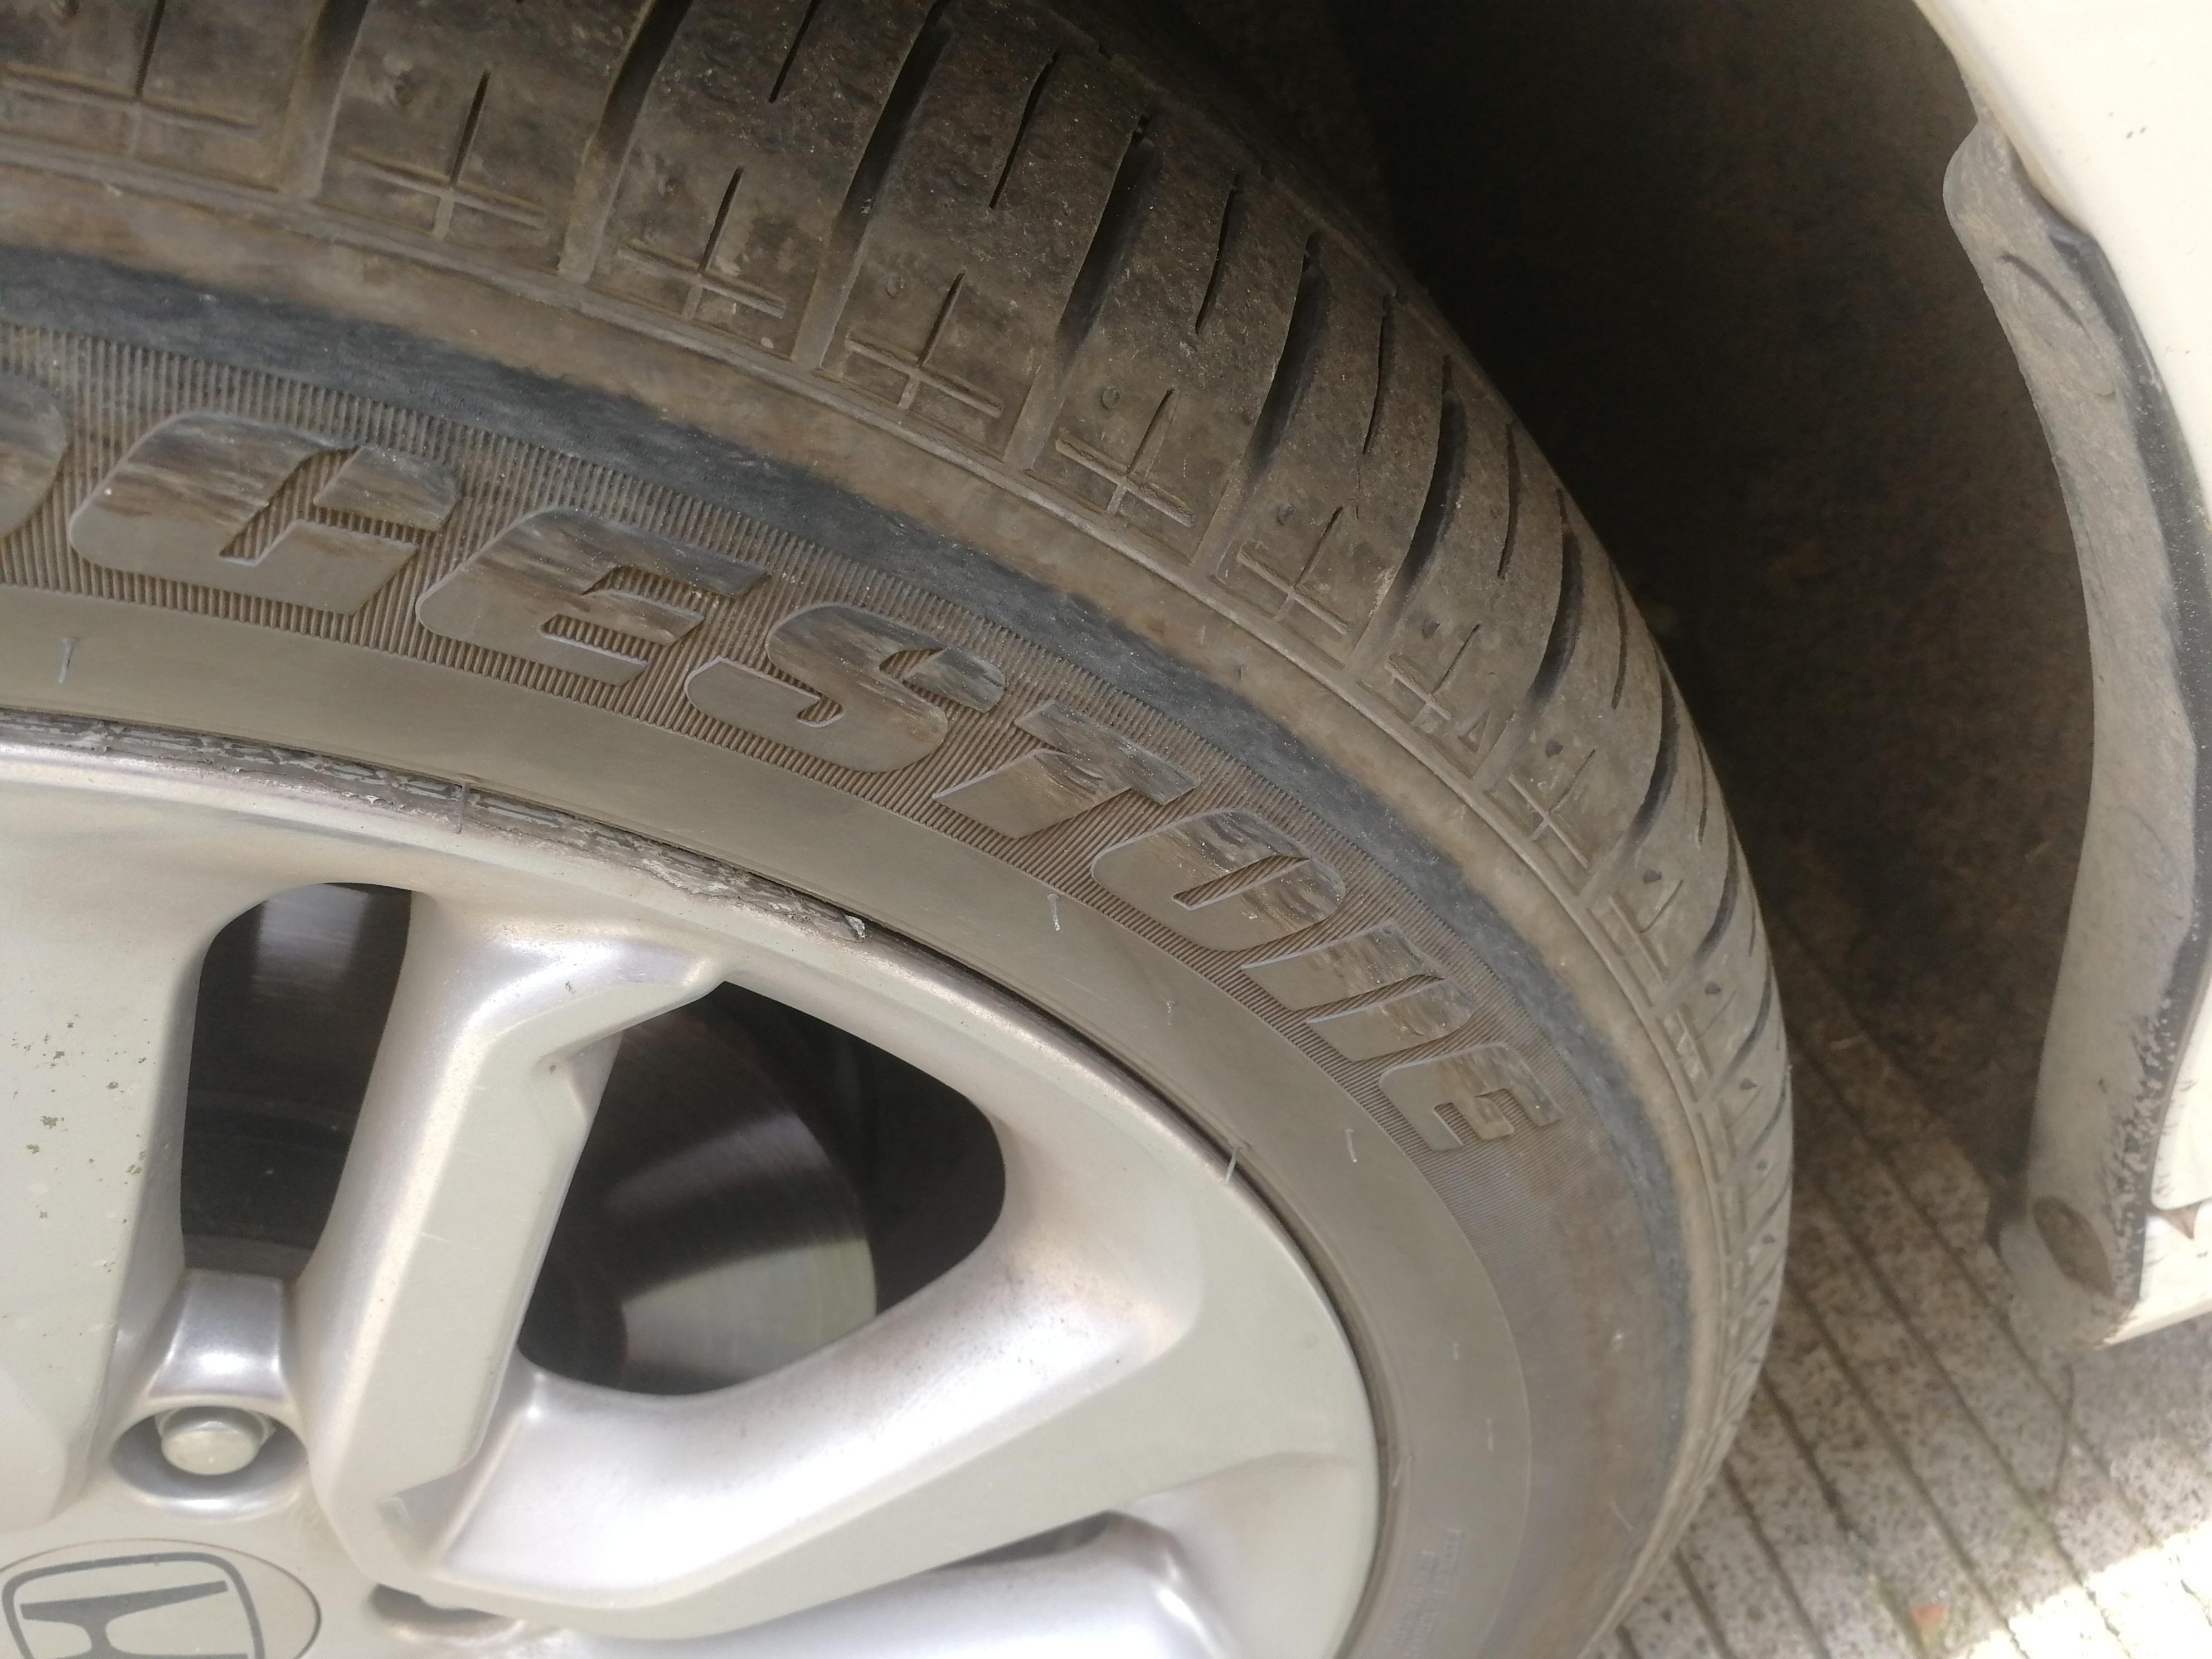 本田-雅阁 1.后座右侧把手有异响。2.保养后,气门芯使用不当导致轮胎漏气,瘪胎行驶,轮胎基本报废。